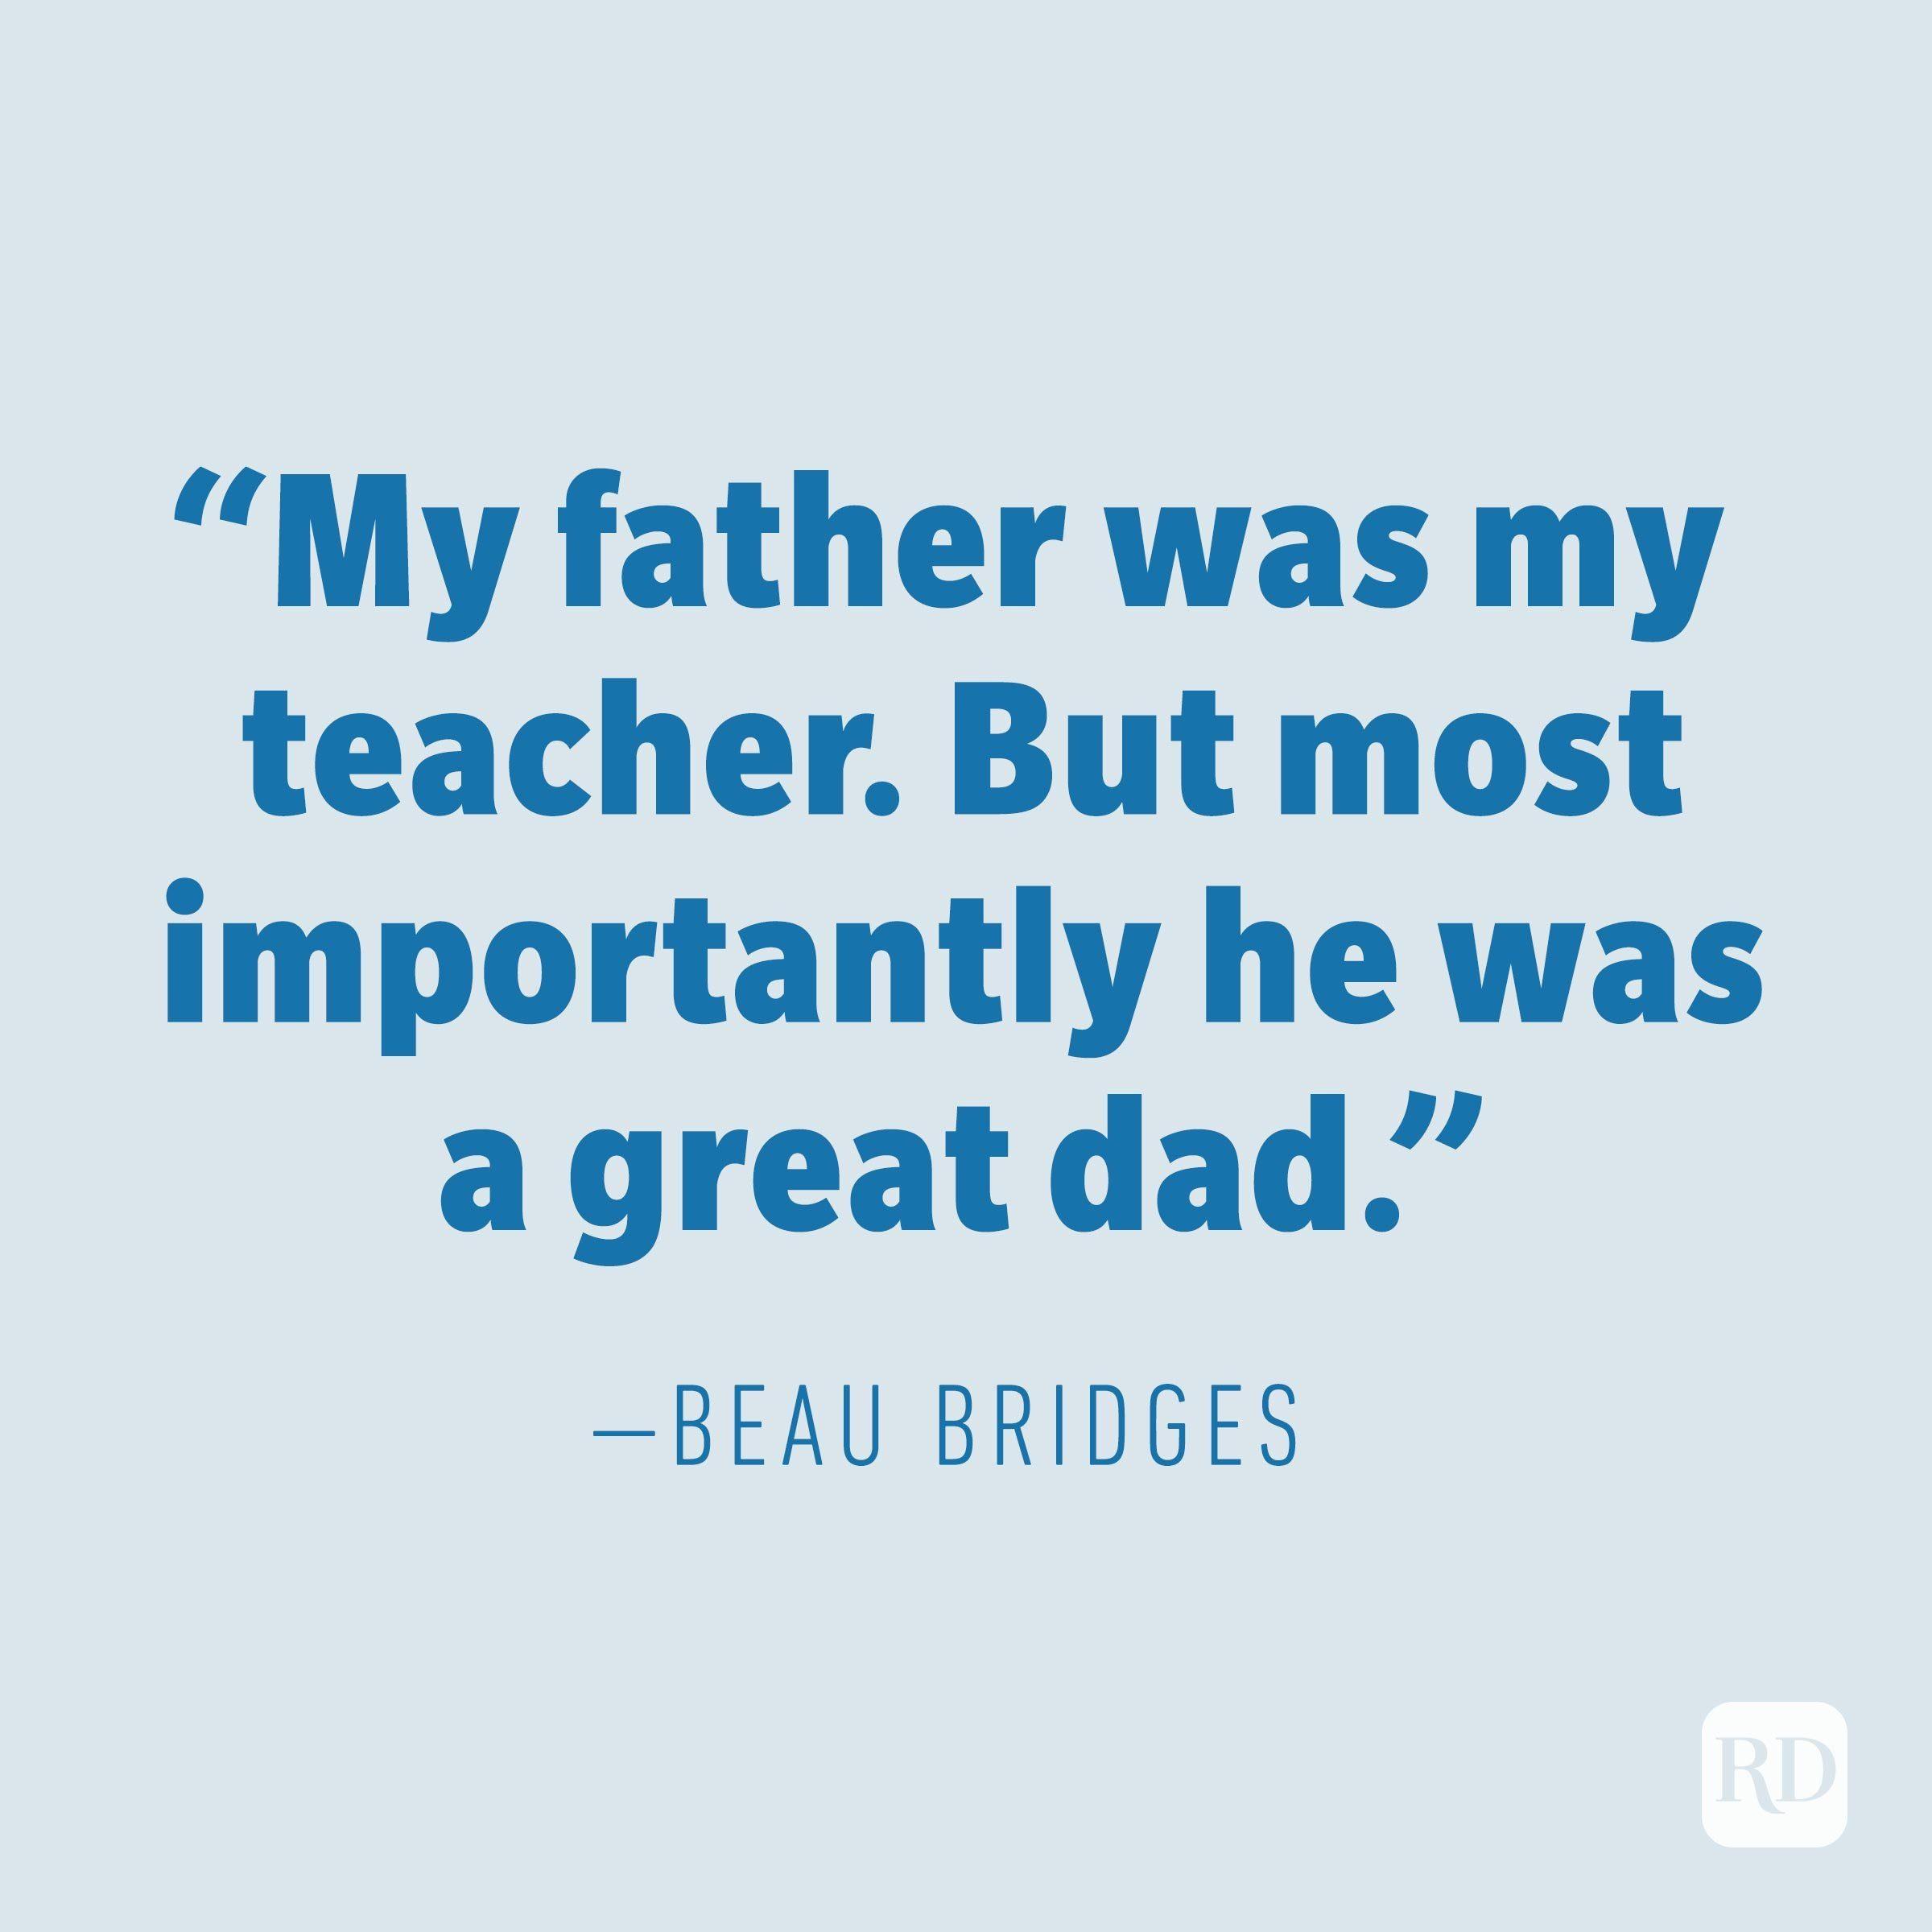 Beau Bridges quote